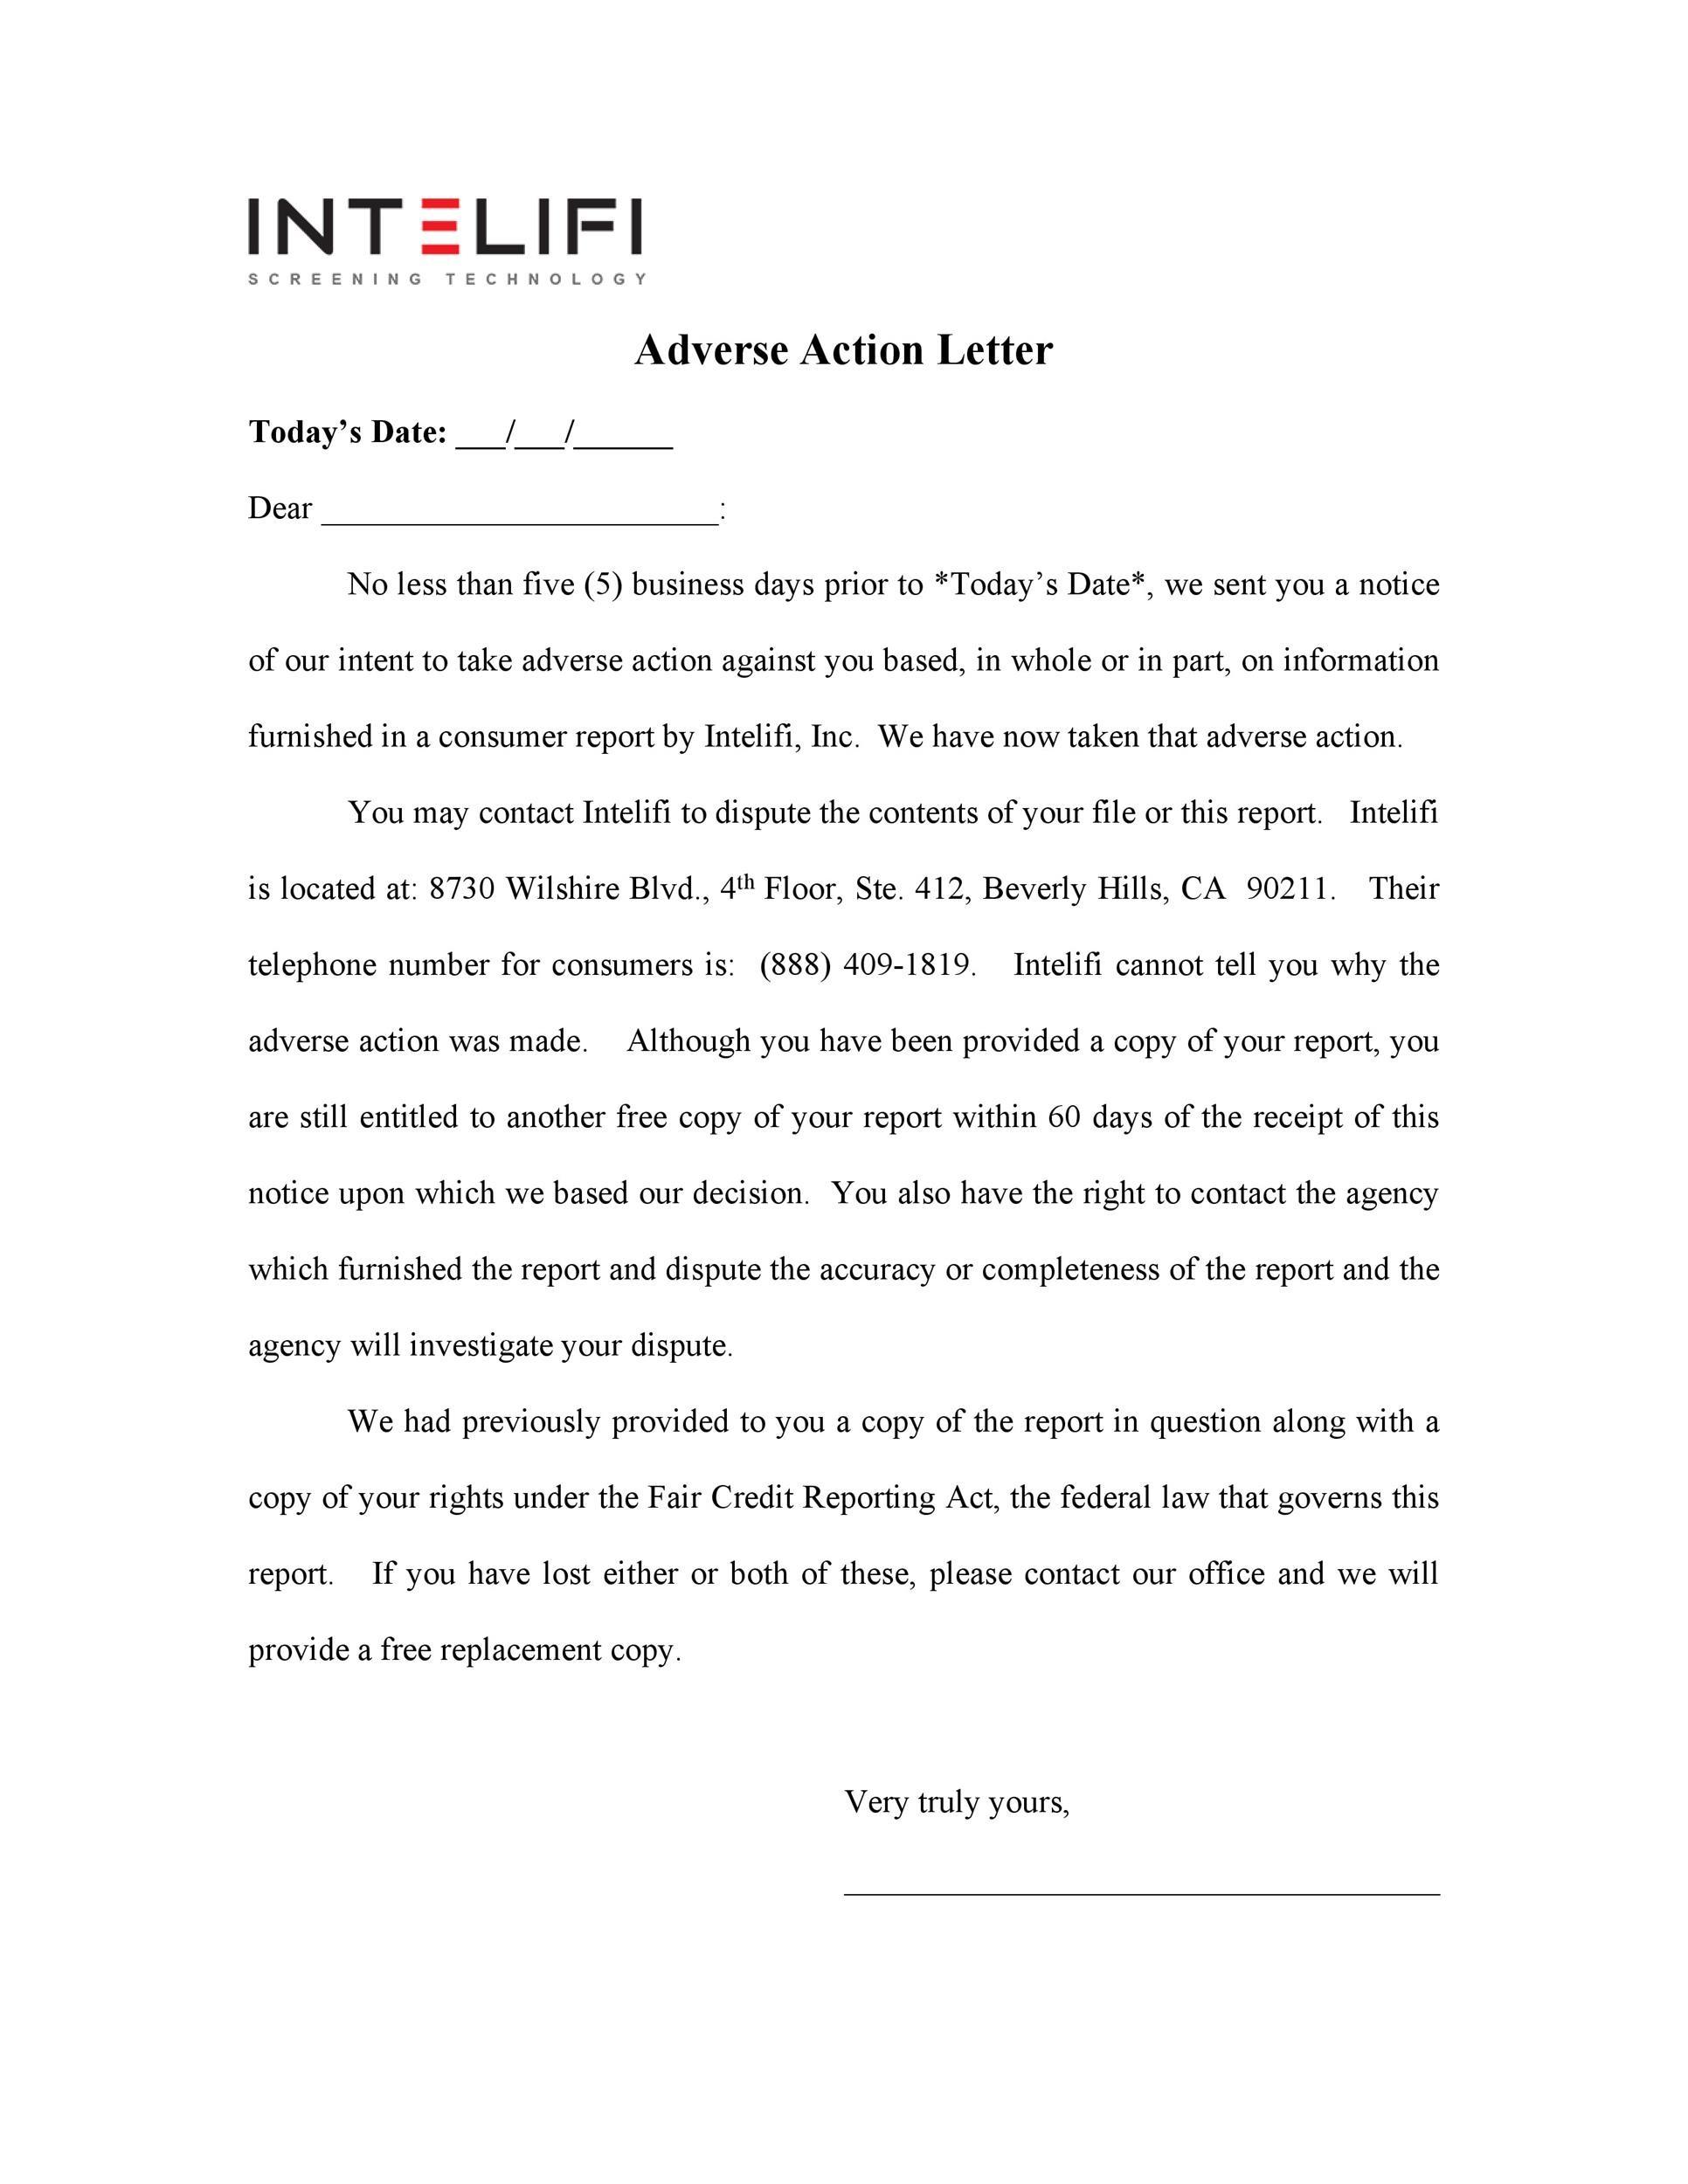 Free adverse action notice 39